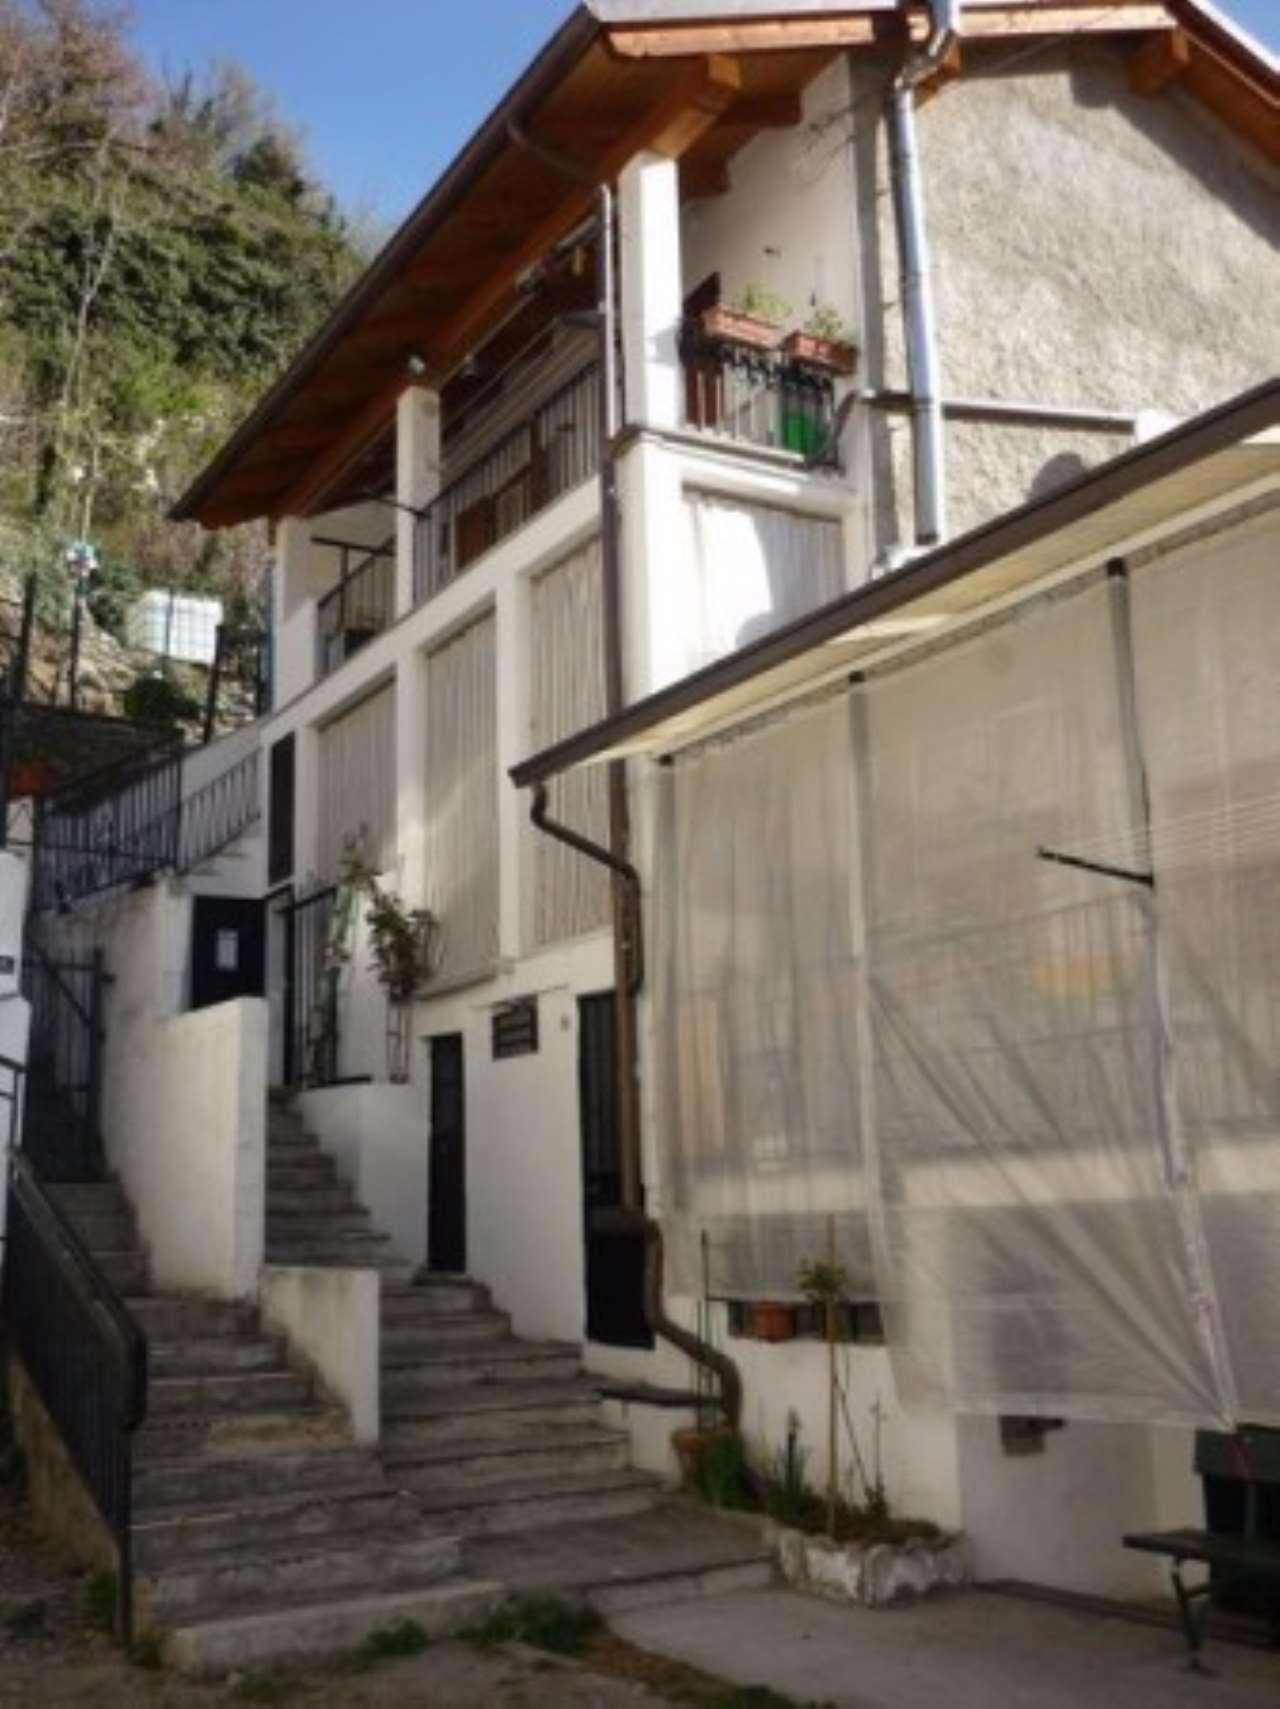 Appartamento in vendita a Mattie, 3 locali, prezzo € 69.000 | Cambio Casa.it